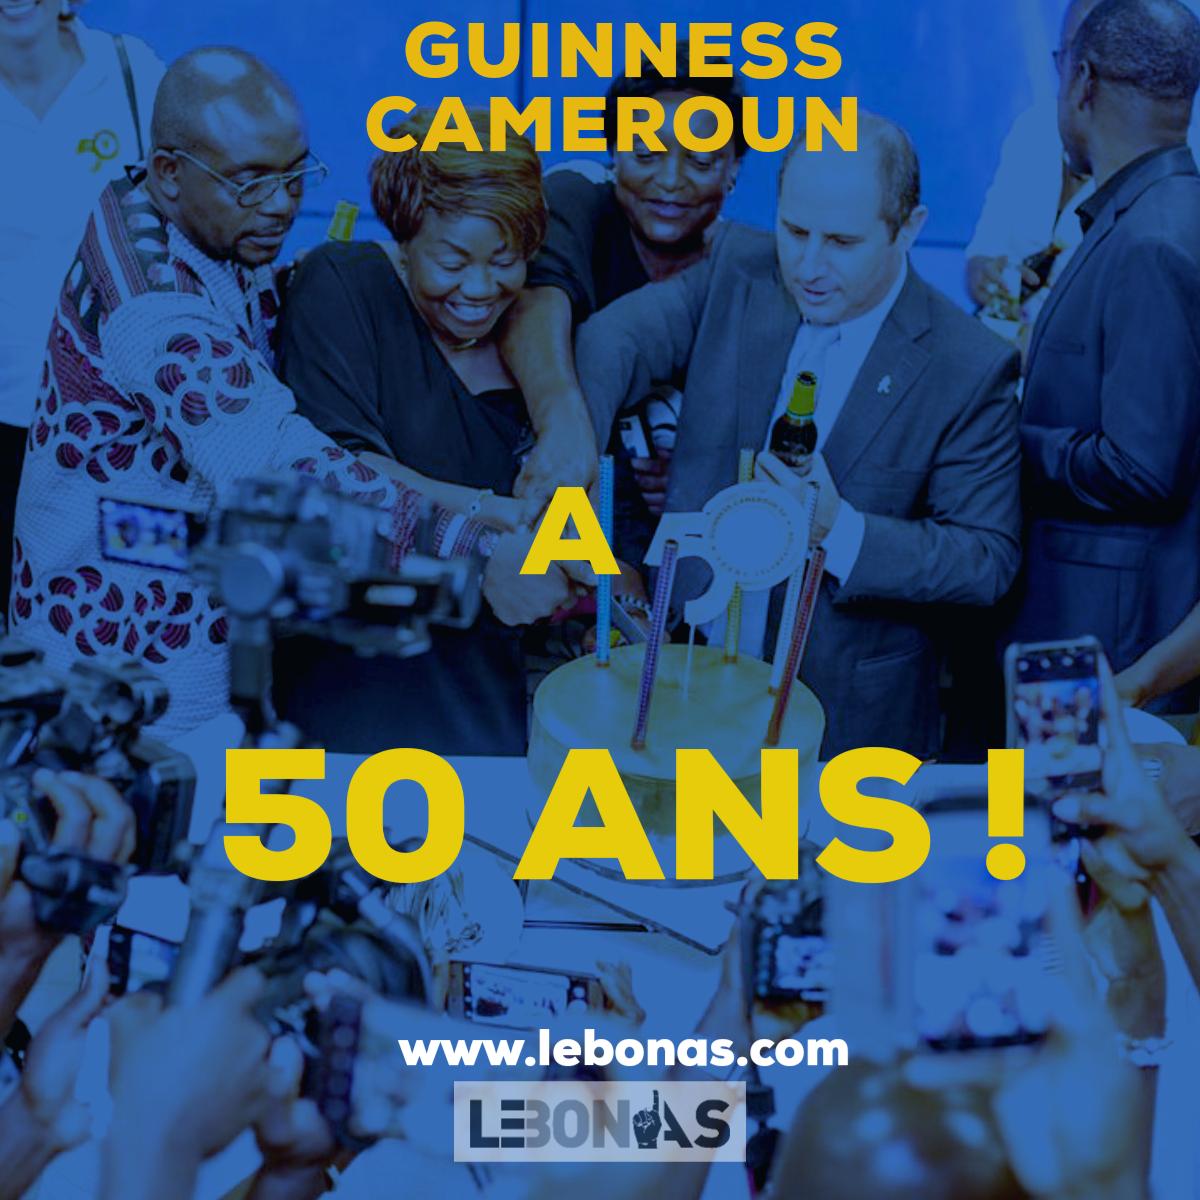 Célébration des 50 ans de Guinness Cameroun